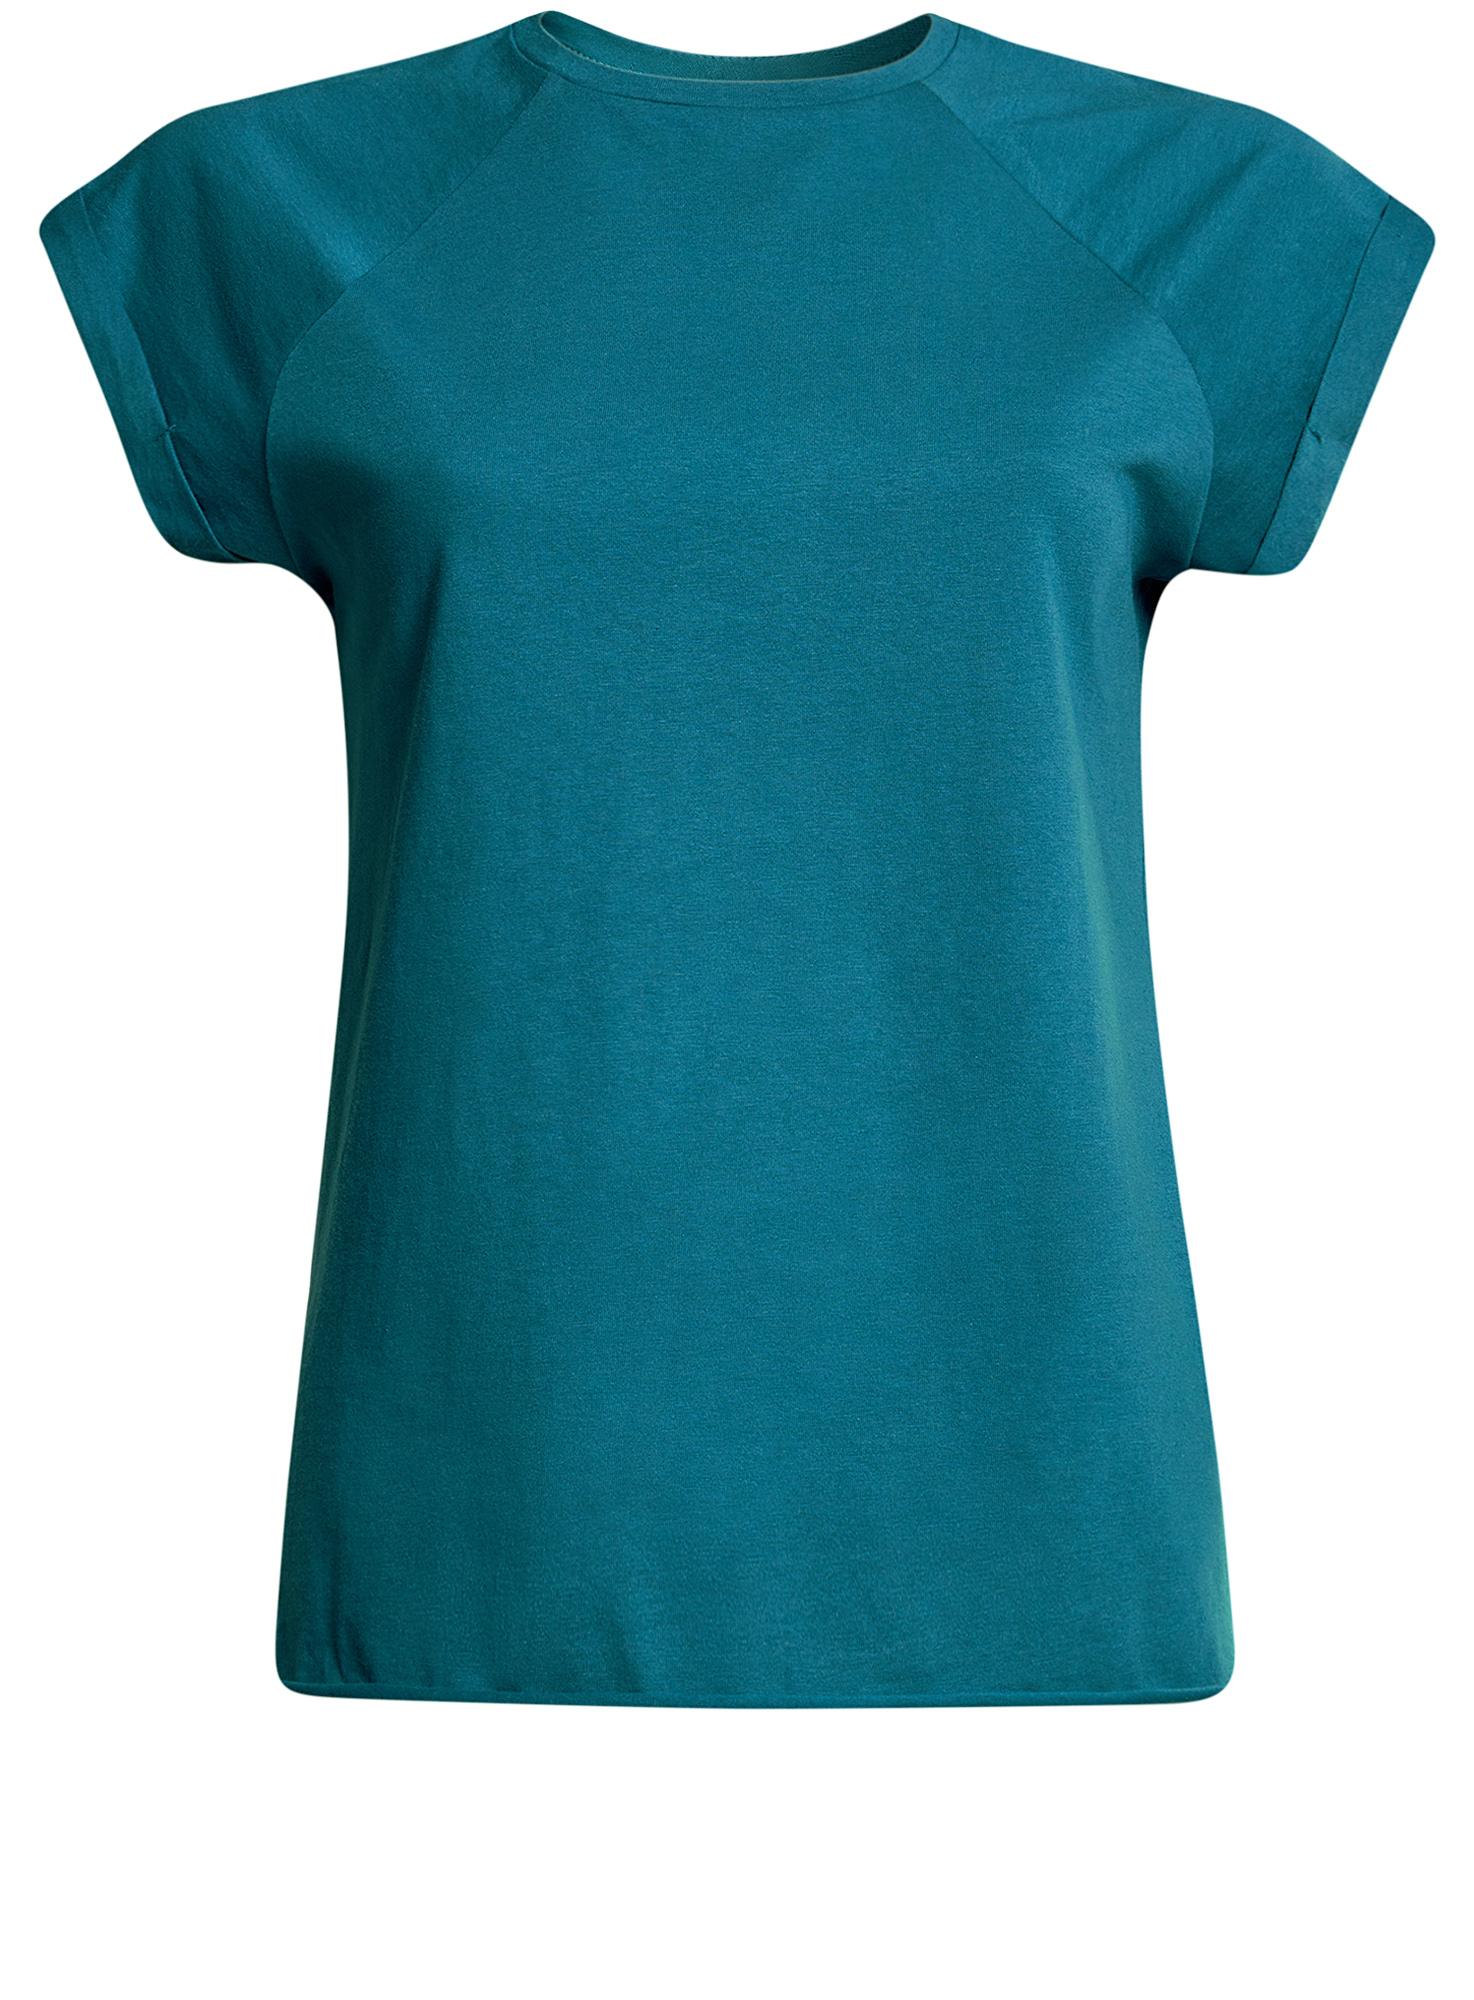 Футболка женская oodji Ultra, цвет: темно-бирюзовый. 14707001-4B/46154/6C00N. Размер S (44)14707001-4B/46154/6C00NЖенская футболка выполнена из хлопка. Модель с круглым вырезом горловины и короткими рукавами реглан, дополненными отворотом.